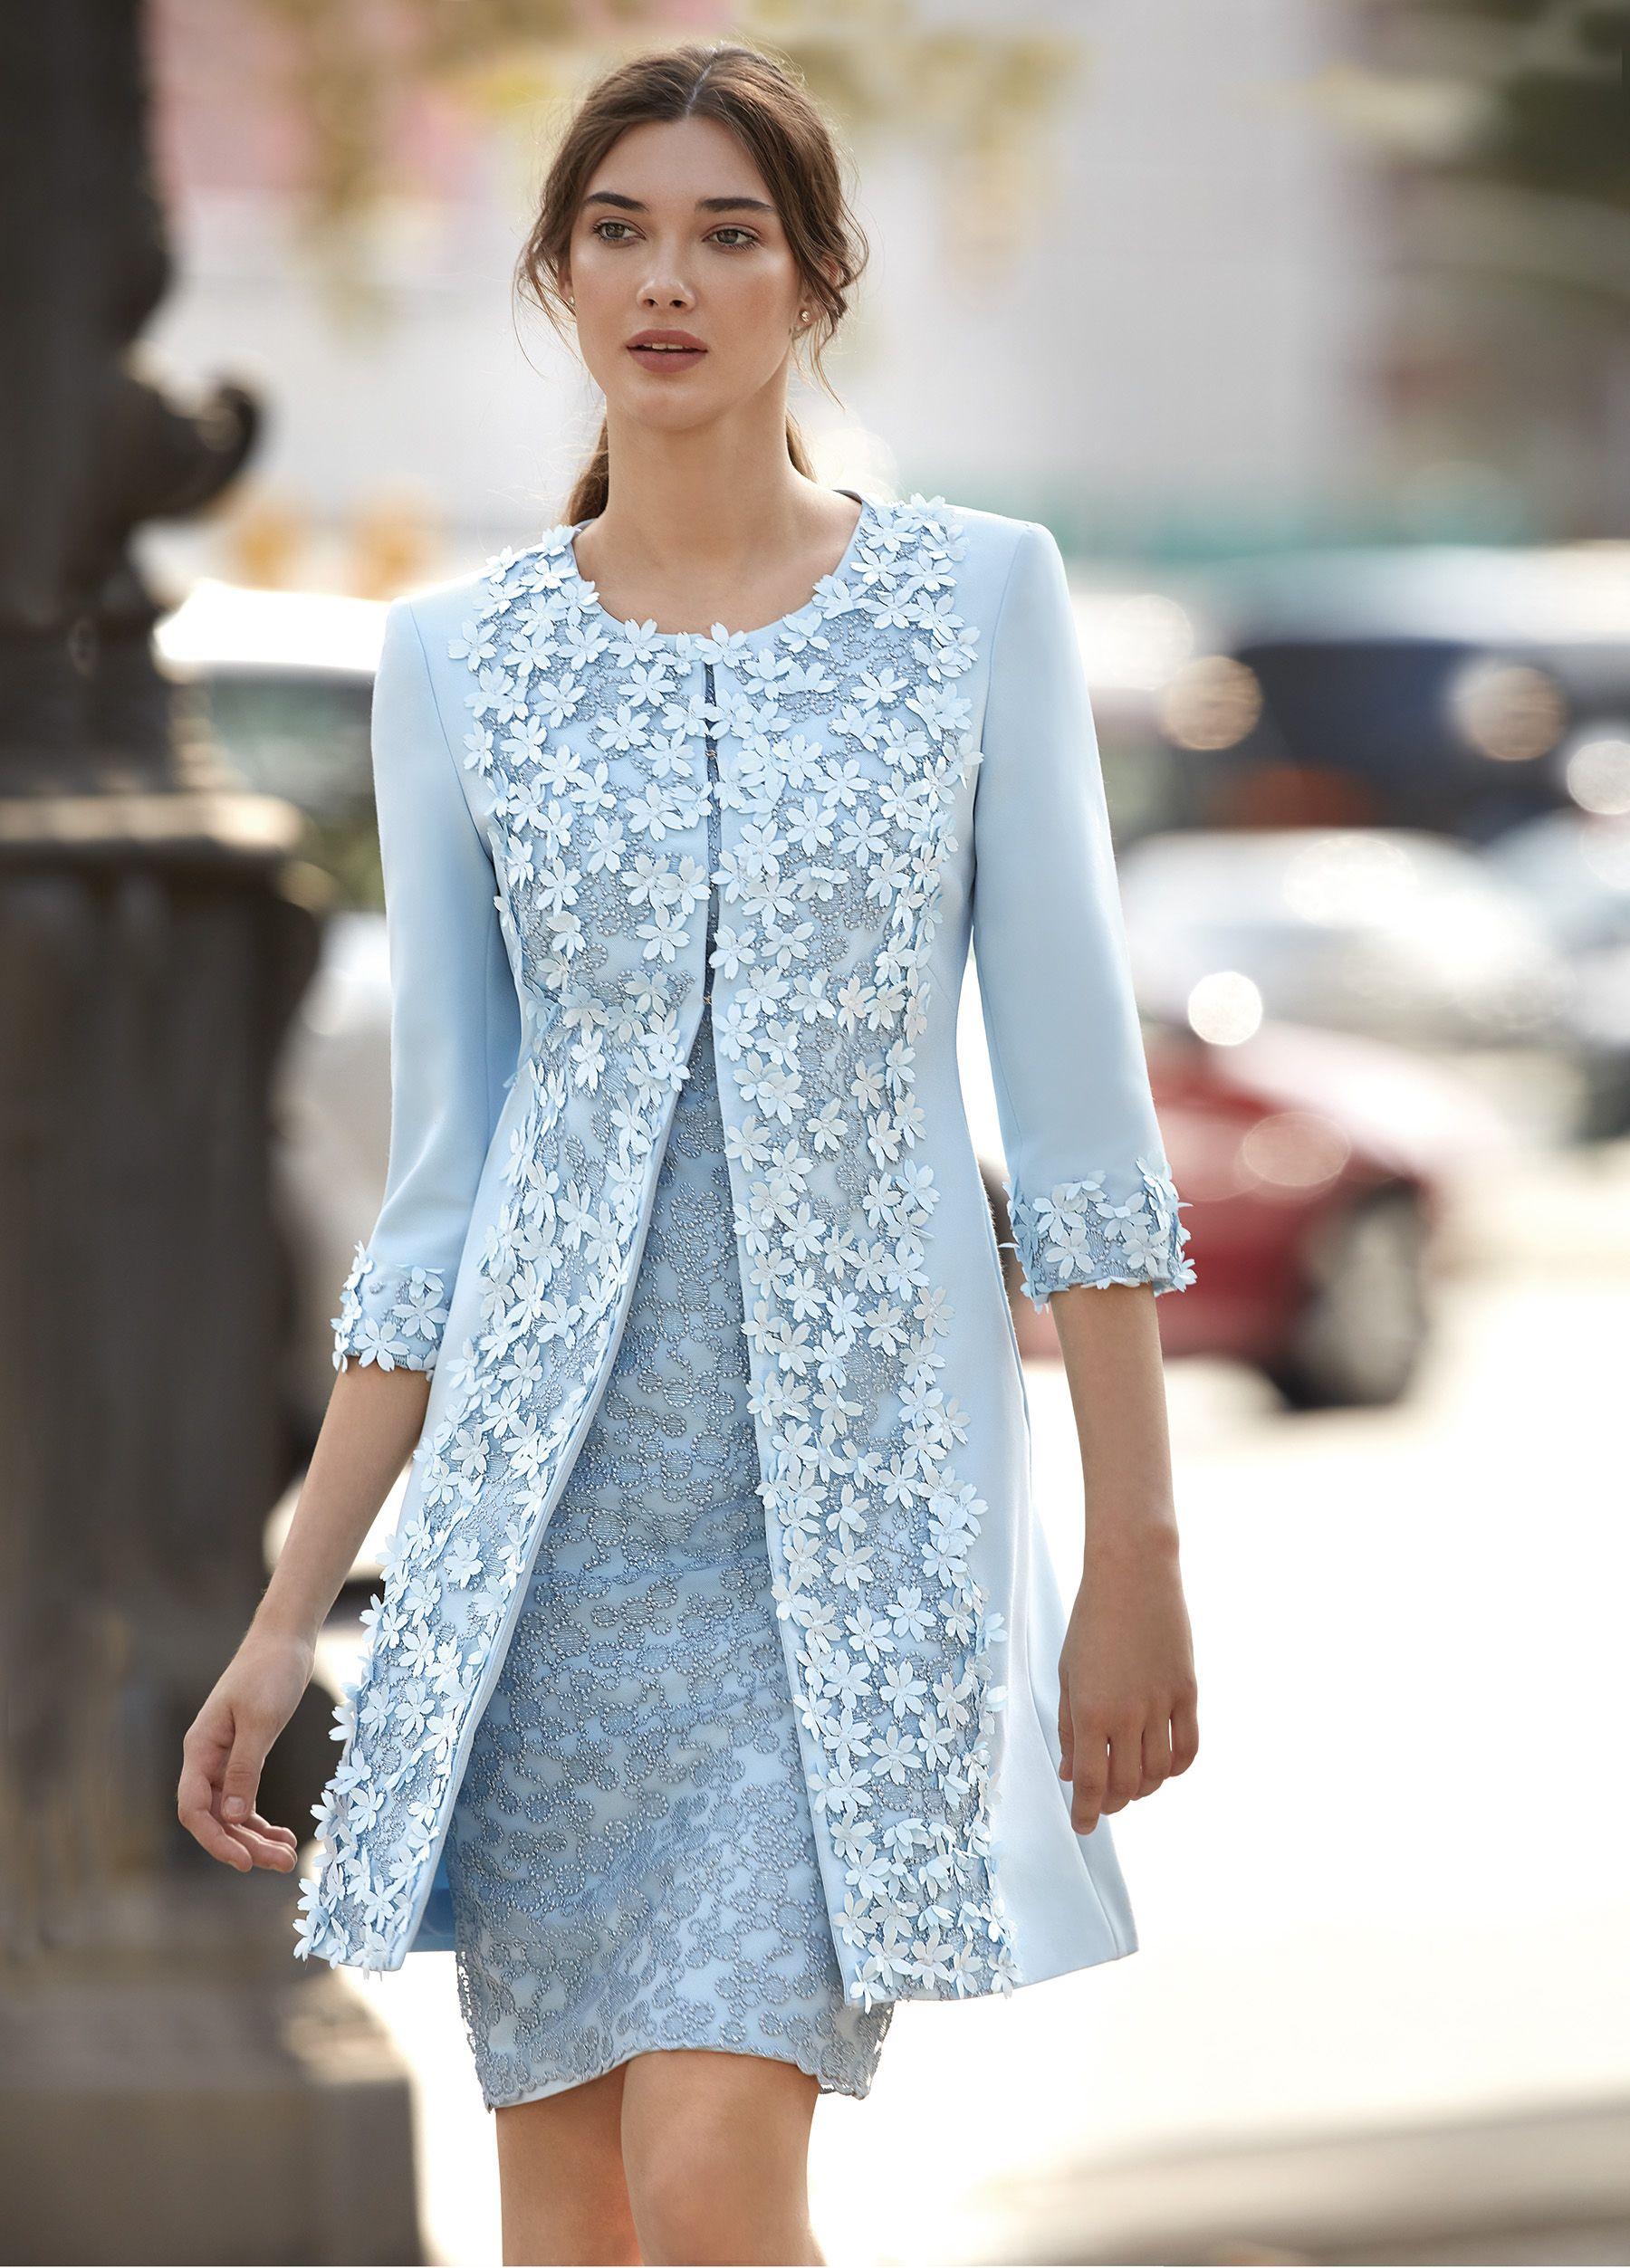 94537 Carla Ruiz Bride Clothes Short Wedding Guest Dresses